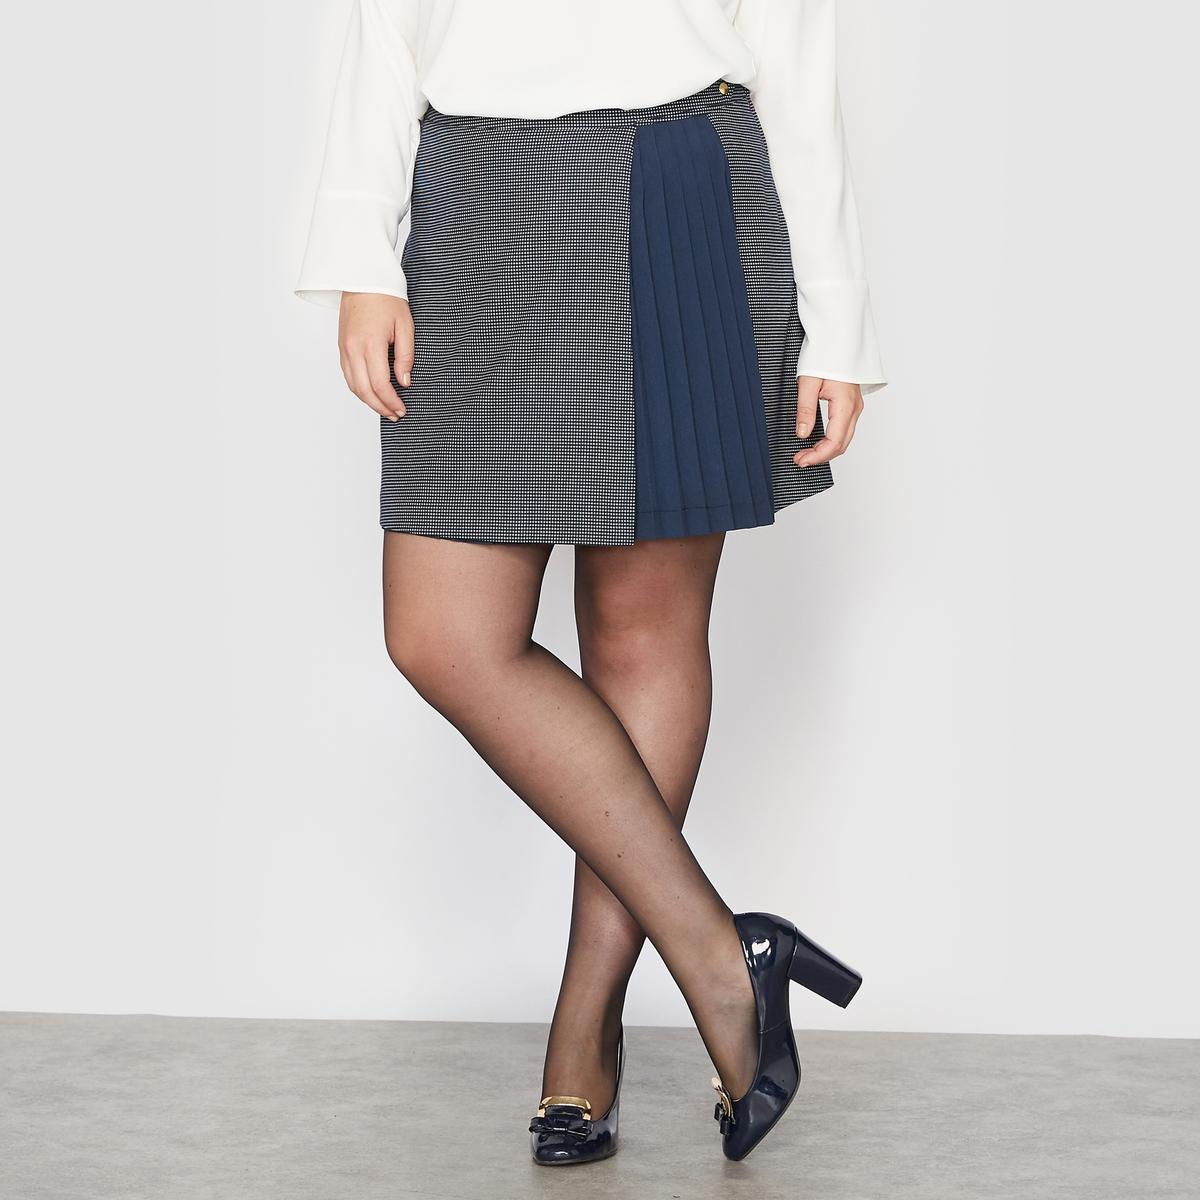 Юбка короткаяЮбка короткая с плиссированными деталями.Спереди эффект наложения одной юбки на вторую, тёмно-синюю, плиссированную. Пришитый пояс. Застёжка на молнию сбоку.Пояс спереди с фантазийными патами на кнопках.Состав и описание:Материал: ткань в мелкий горошек 65 % полиэстера, 32 % вискозы, 3 % эластана. Плиссированная вставка из вуали 100 % полиэстера. Подкладка сзади 100 % полиэстера.Длина: 47 см. Марка: CASTALUNA.Уход:- Машинная стирка при 30°С.<br><br>Цвет: темно-синий в горошек<br>Размер: 52 (FR) - 58 (RUS).50 (FR) - 56 (RUS).48 (FR) - 54 (RUS).46 (FR) - 52 (RUS)